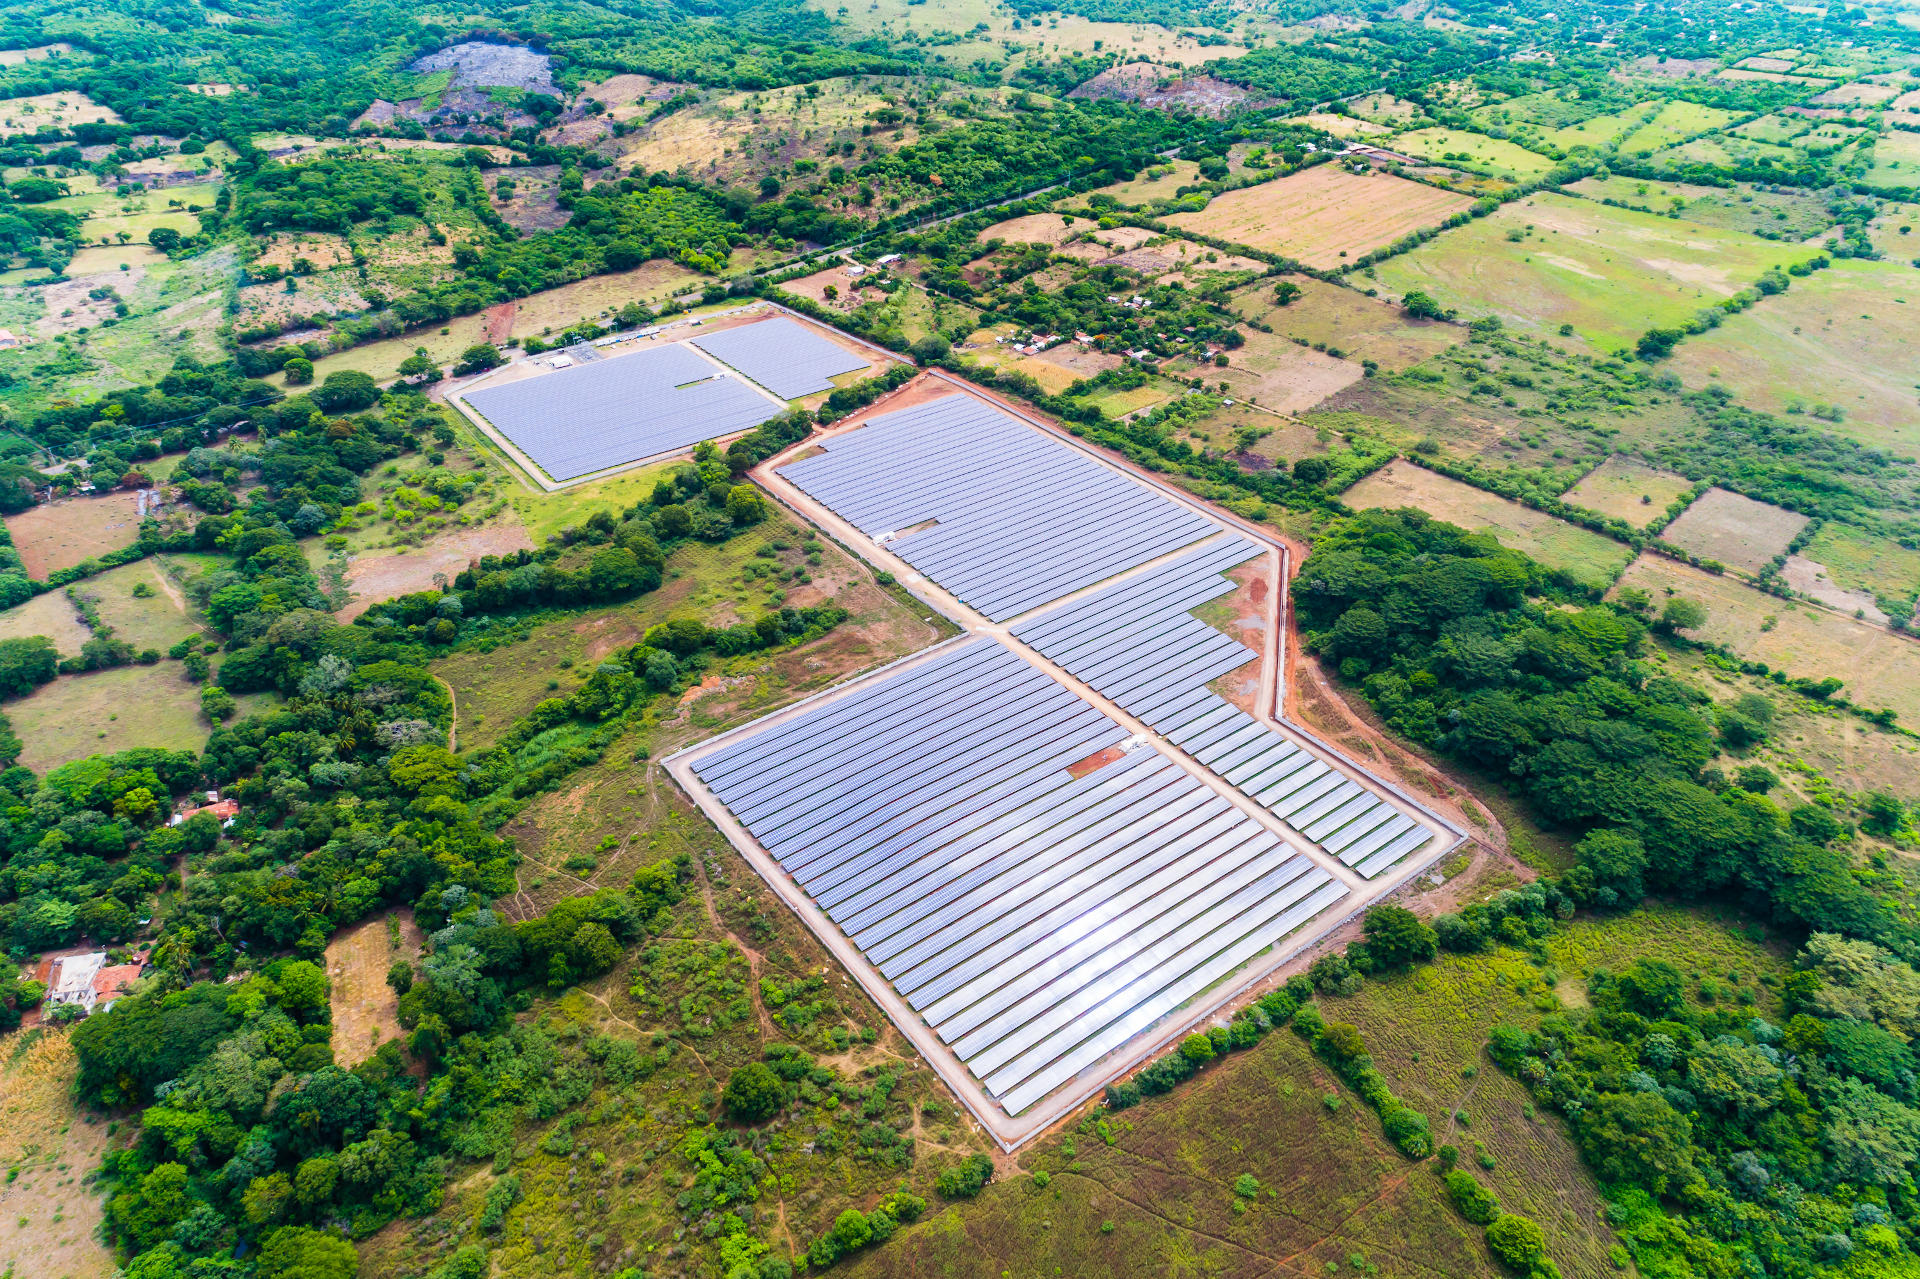 Proyecto solar fotovoltaico Bósforo 100 MW.